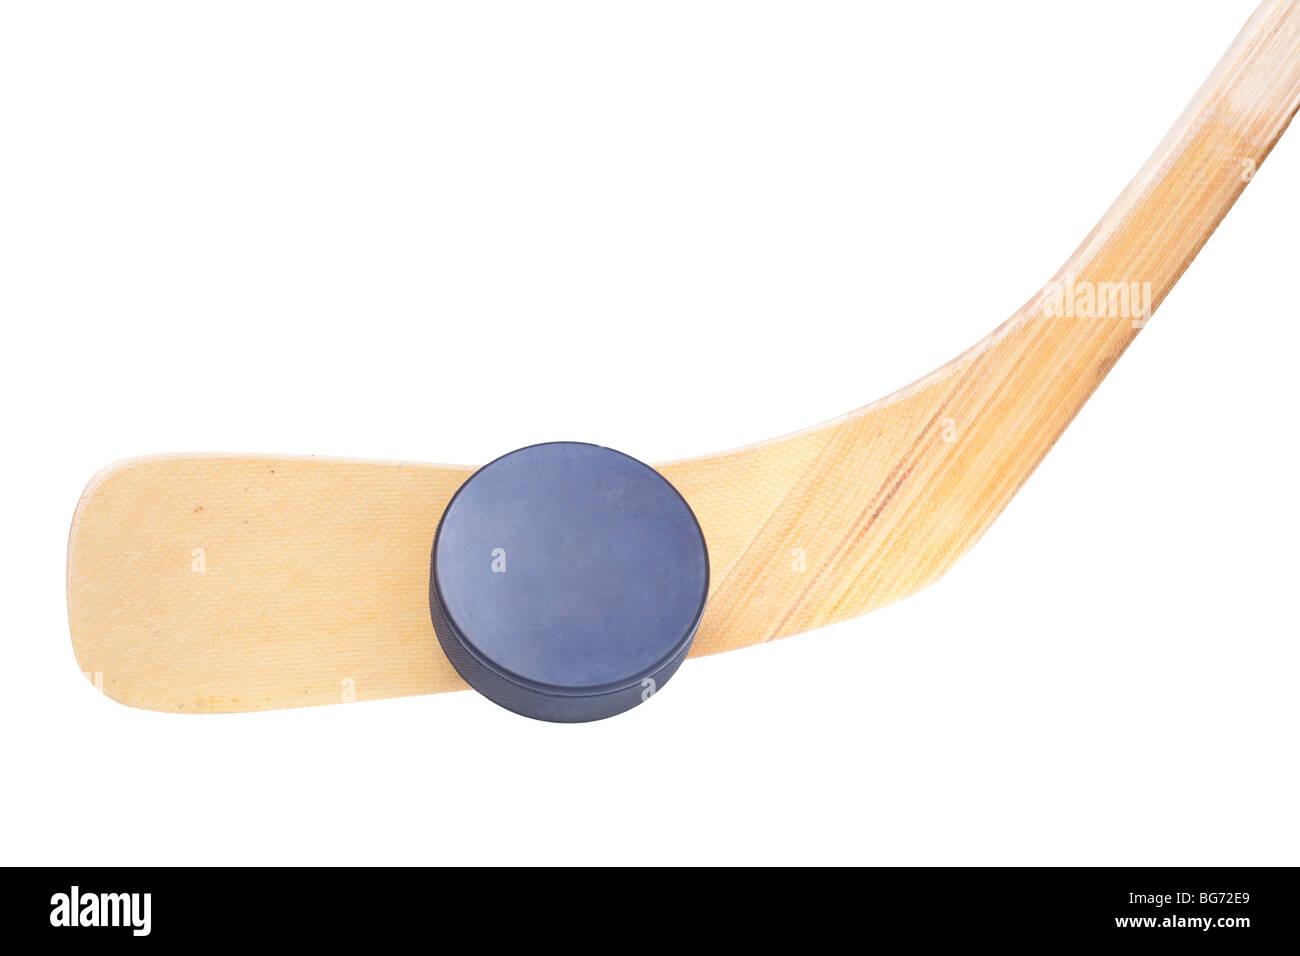 Cerca de un palo de hockey sobre hielo y puck aislado sobre fondo blanco. Imagen De Stock